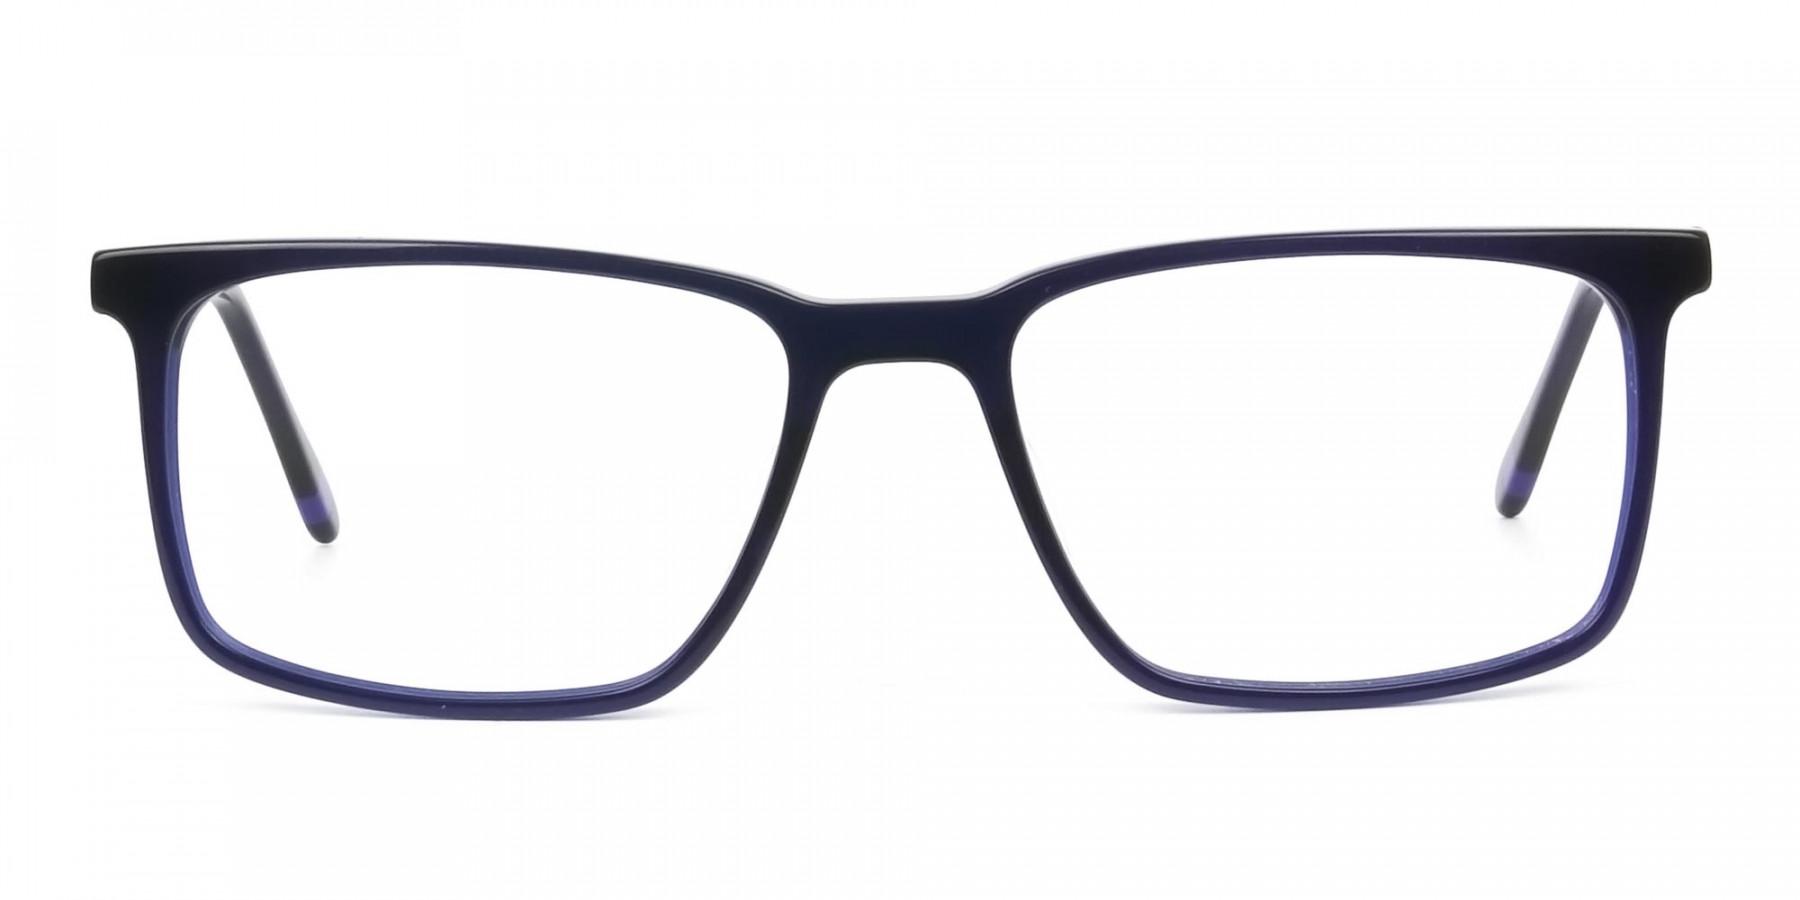 Designer Navy Blue Glasses Rectangular - 1